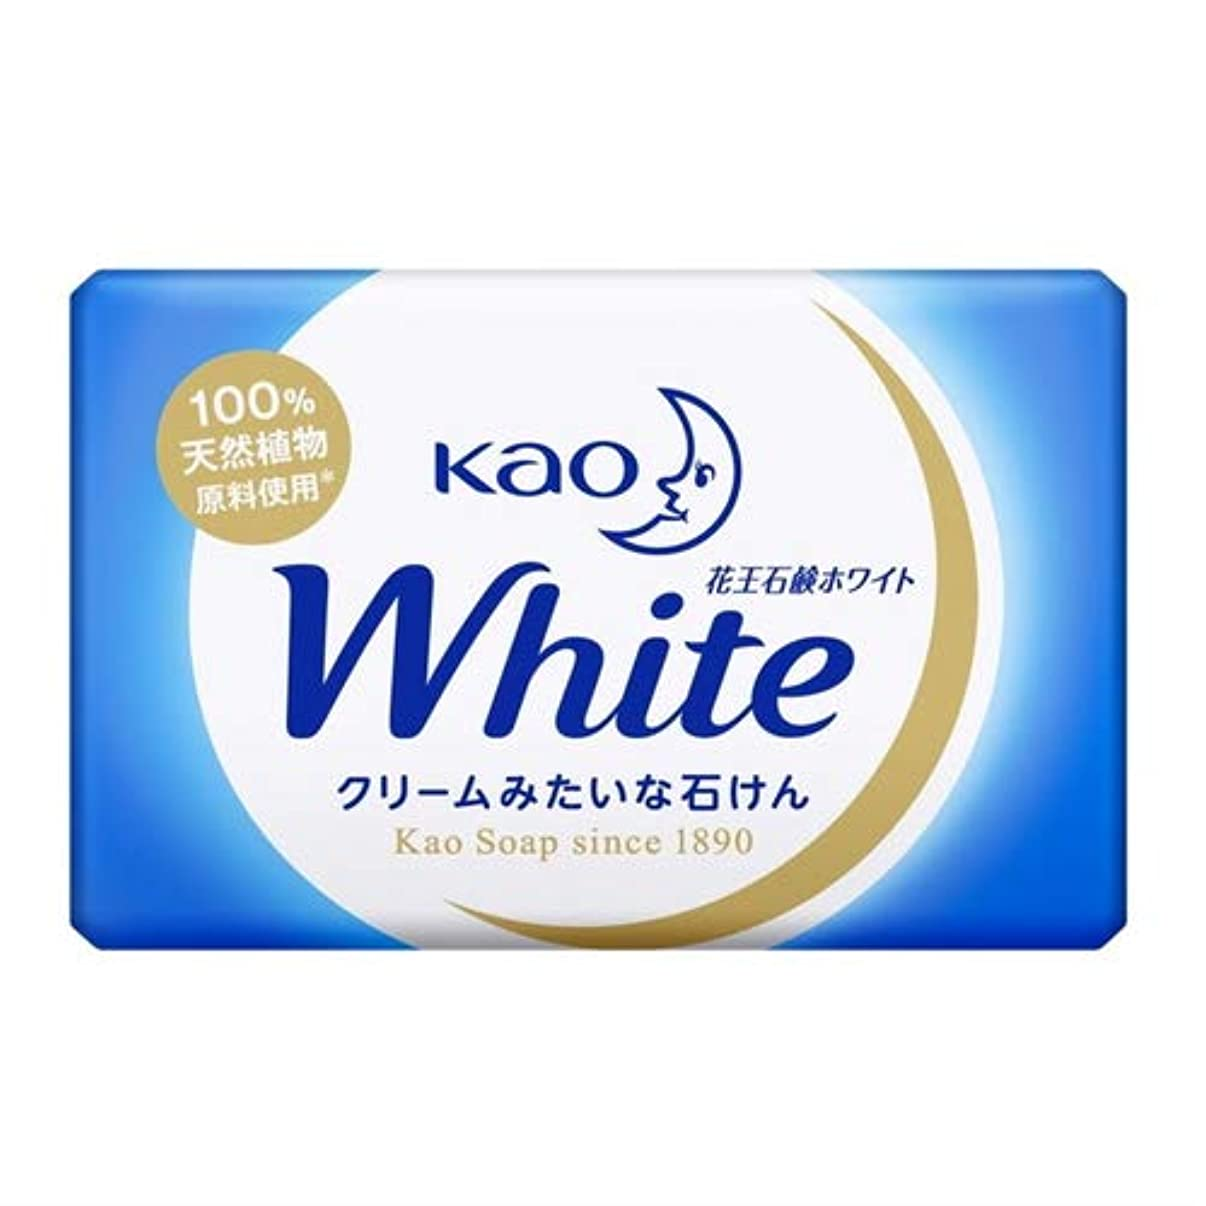 誇張するの慈悲でインク花王石鹸ホワイト 業務用ミニサイズ 15g × 5個セット